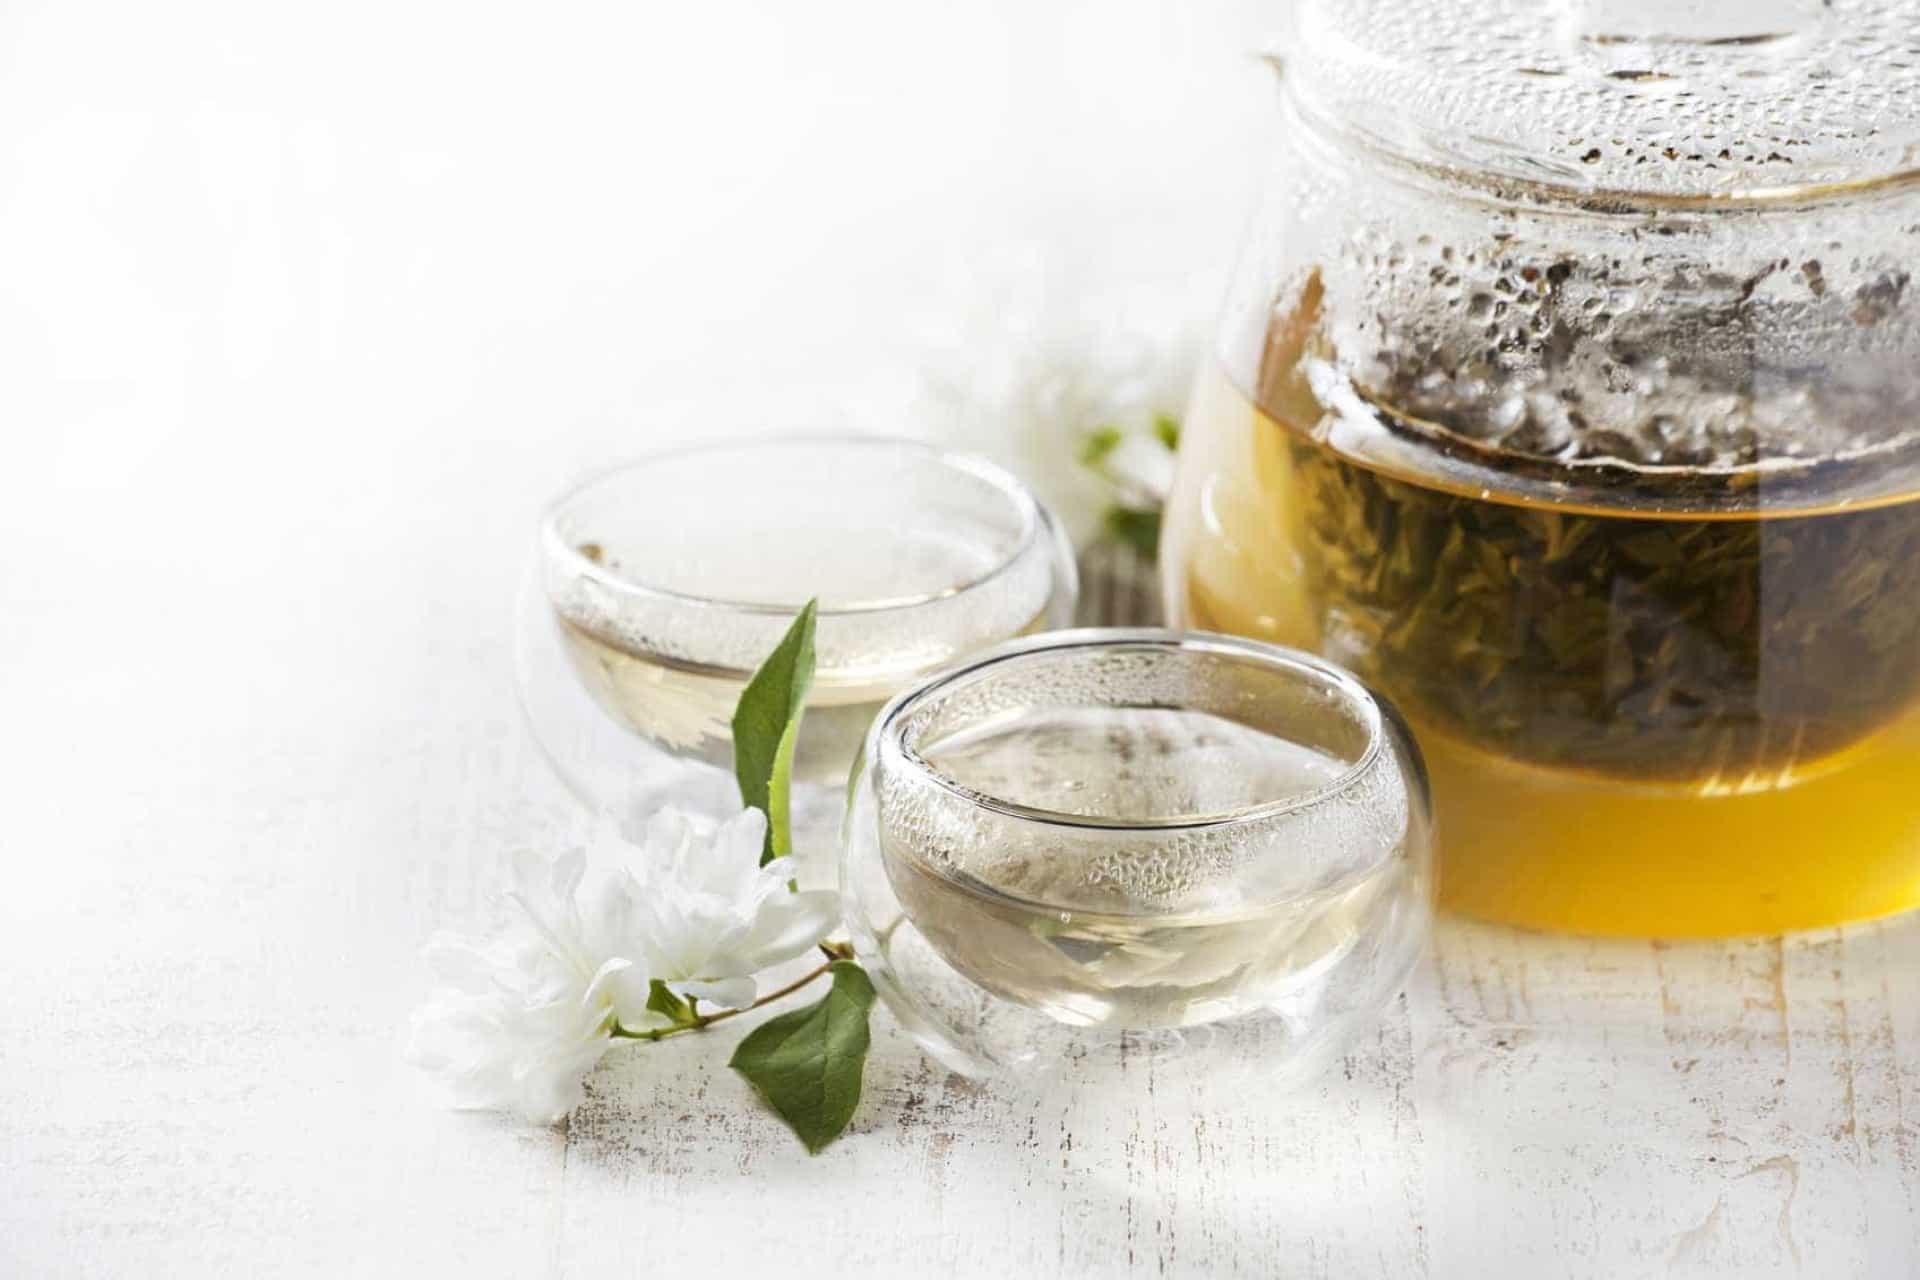 O que acontece quando se bebe chá verde todos os dias durante um mês?